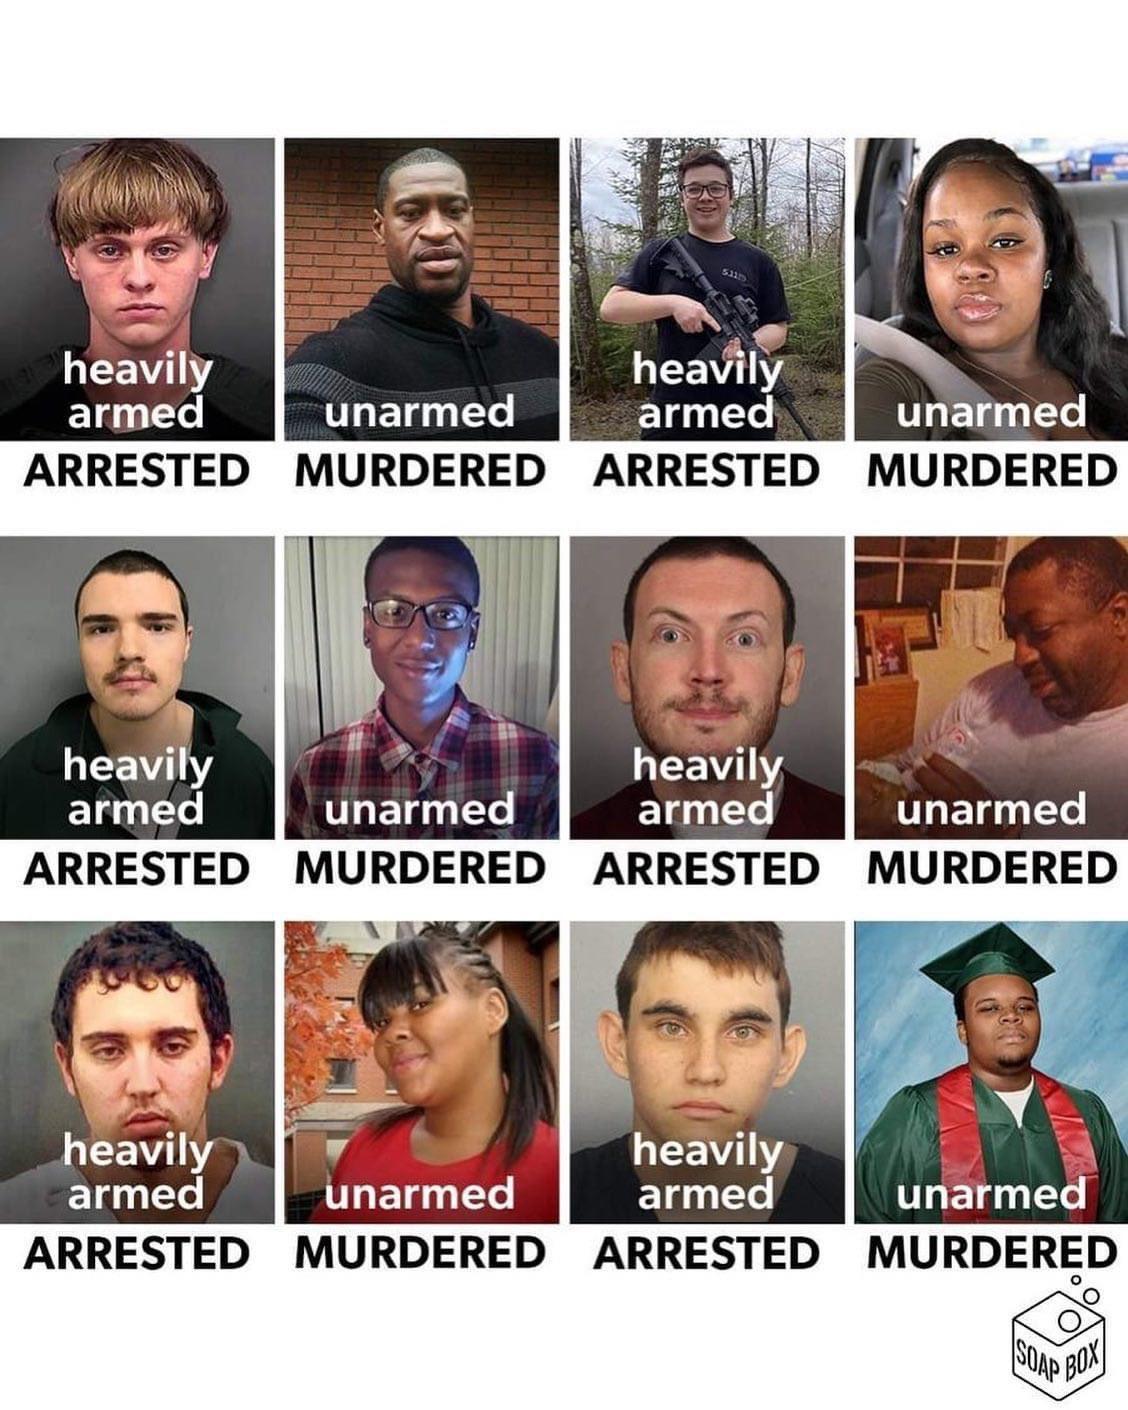 Las protestas en EEUU por el asesinato de George Floyd - Página 13 EhZGhGPWoAIDtYe?format=jpg&name=large